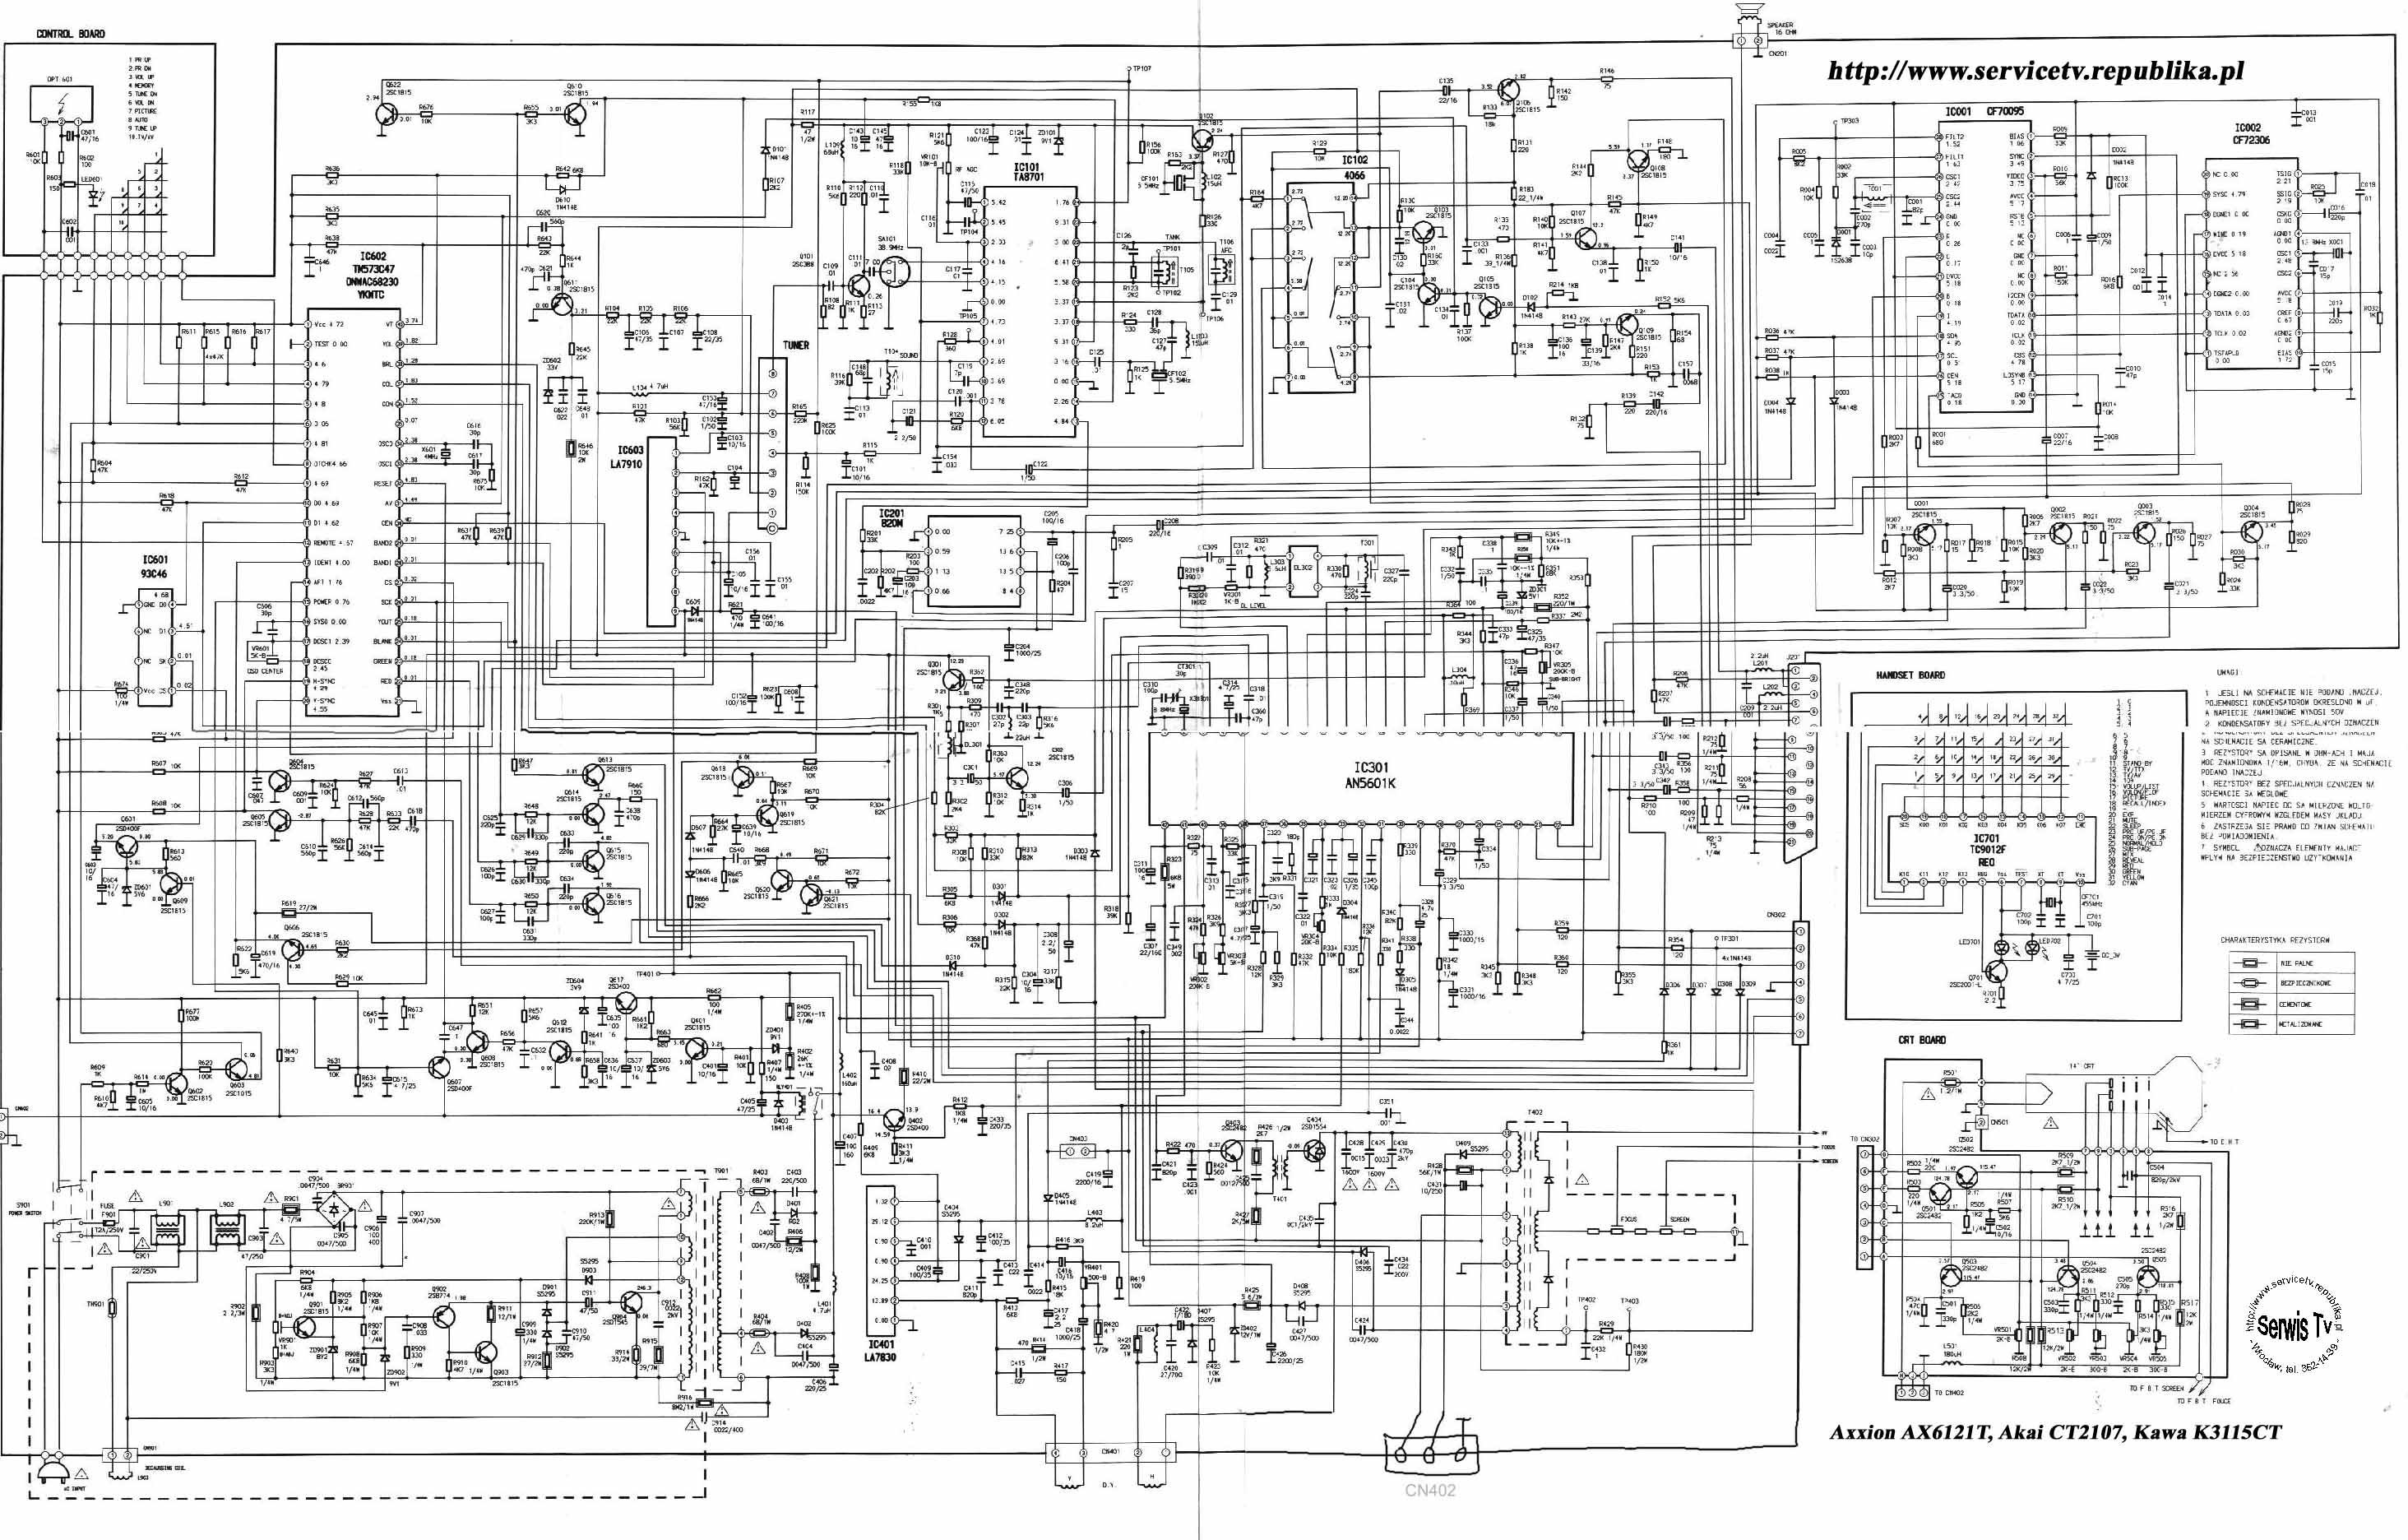 television schematics schematy tv rh schematy tripod com tv schematics free download tv schematic diagram download